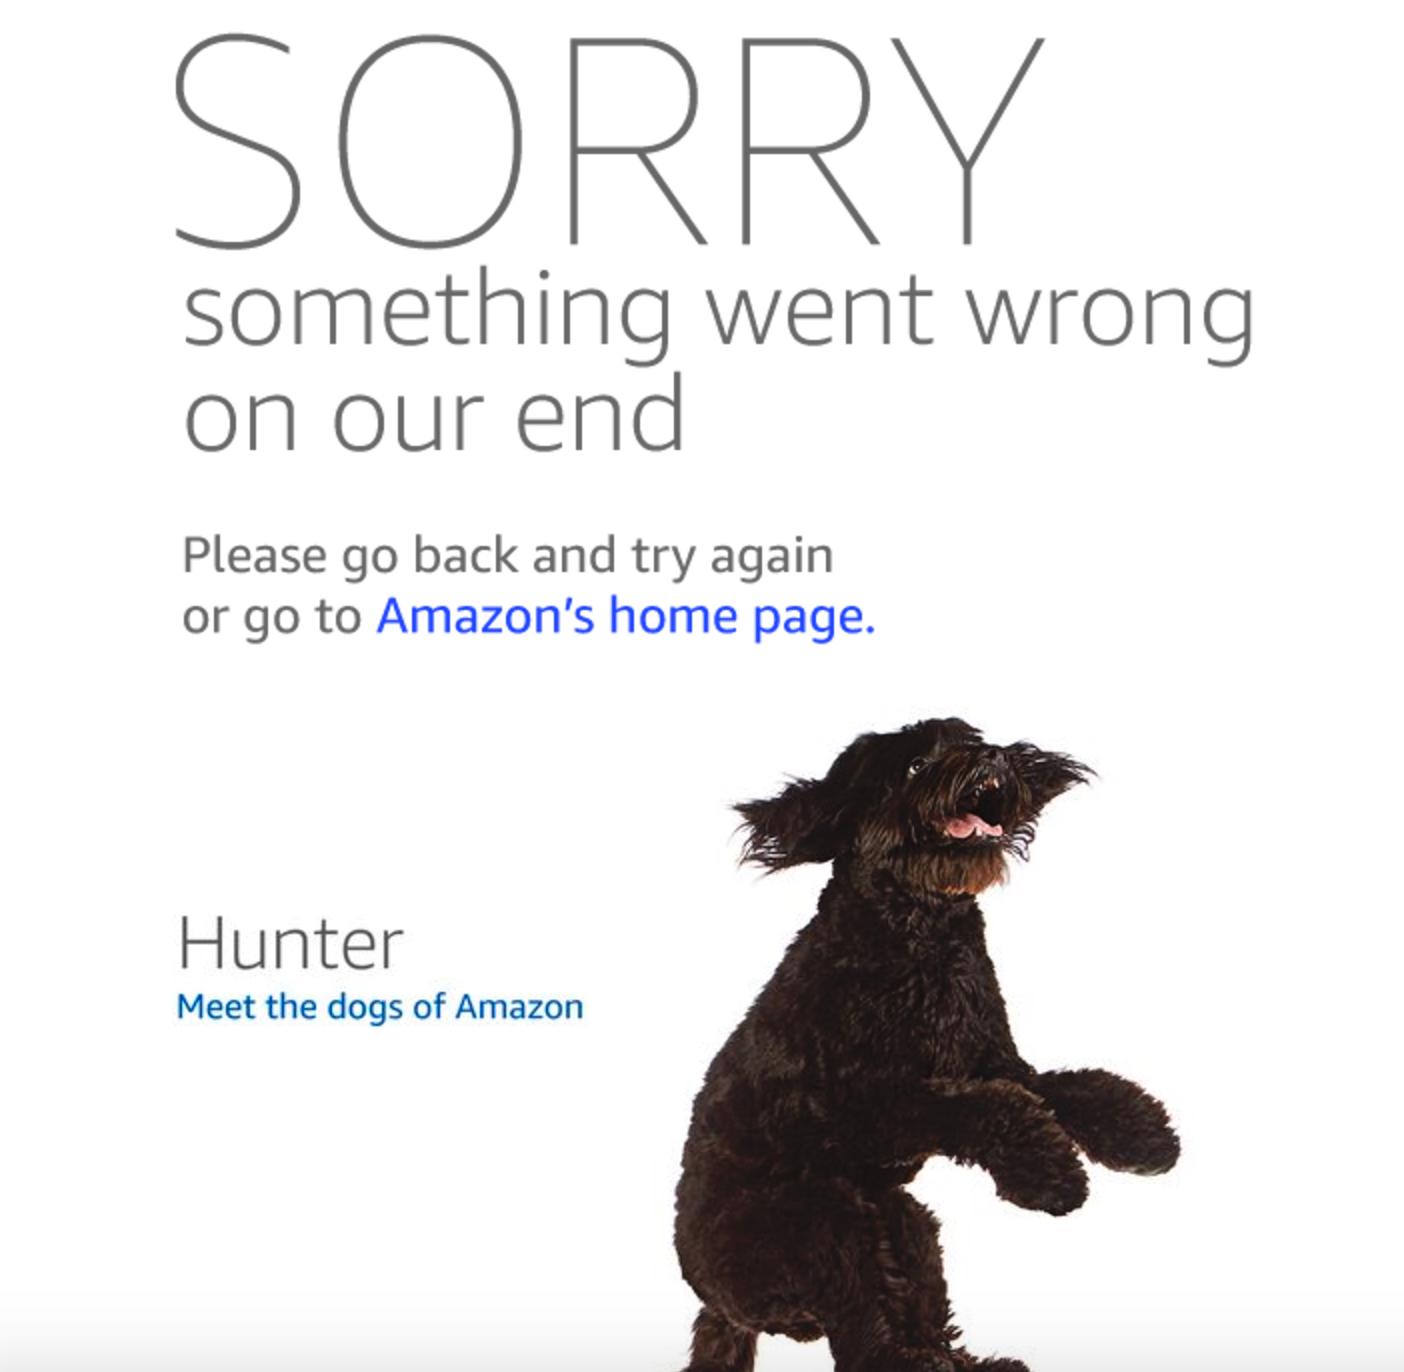 amazon down, is amazon down, amazon down message, amazon website broken